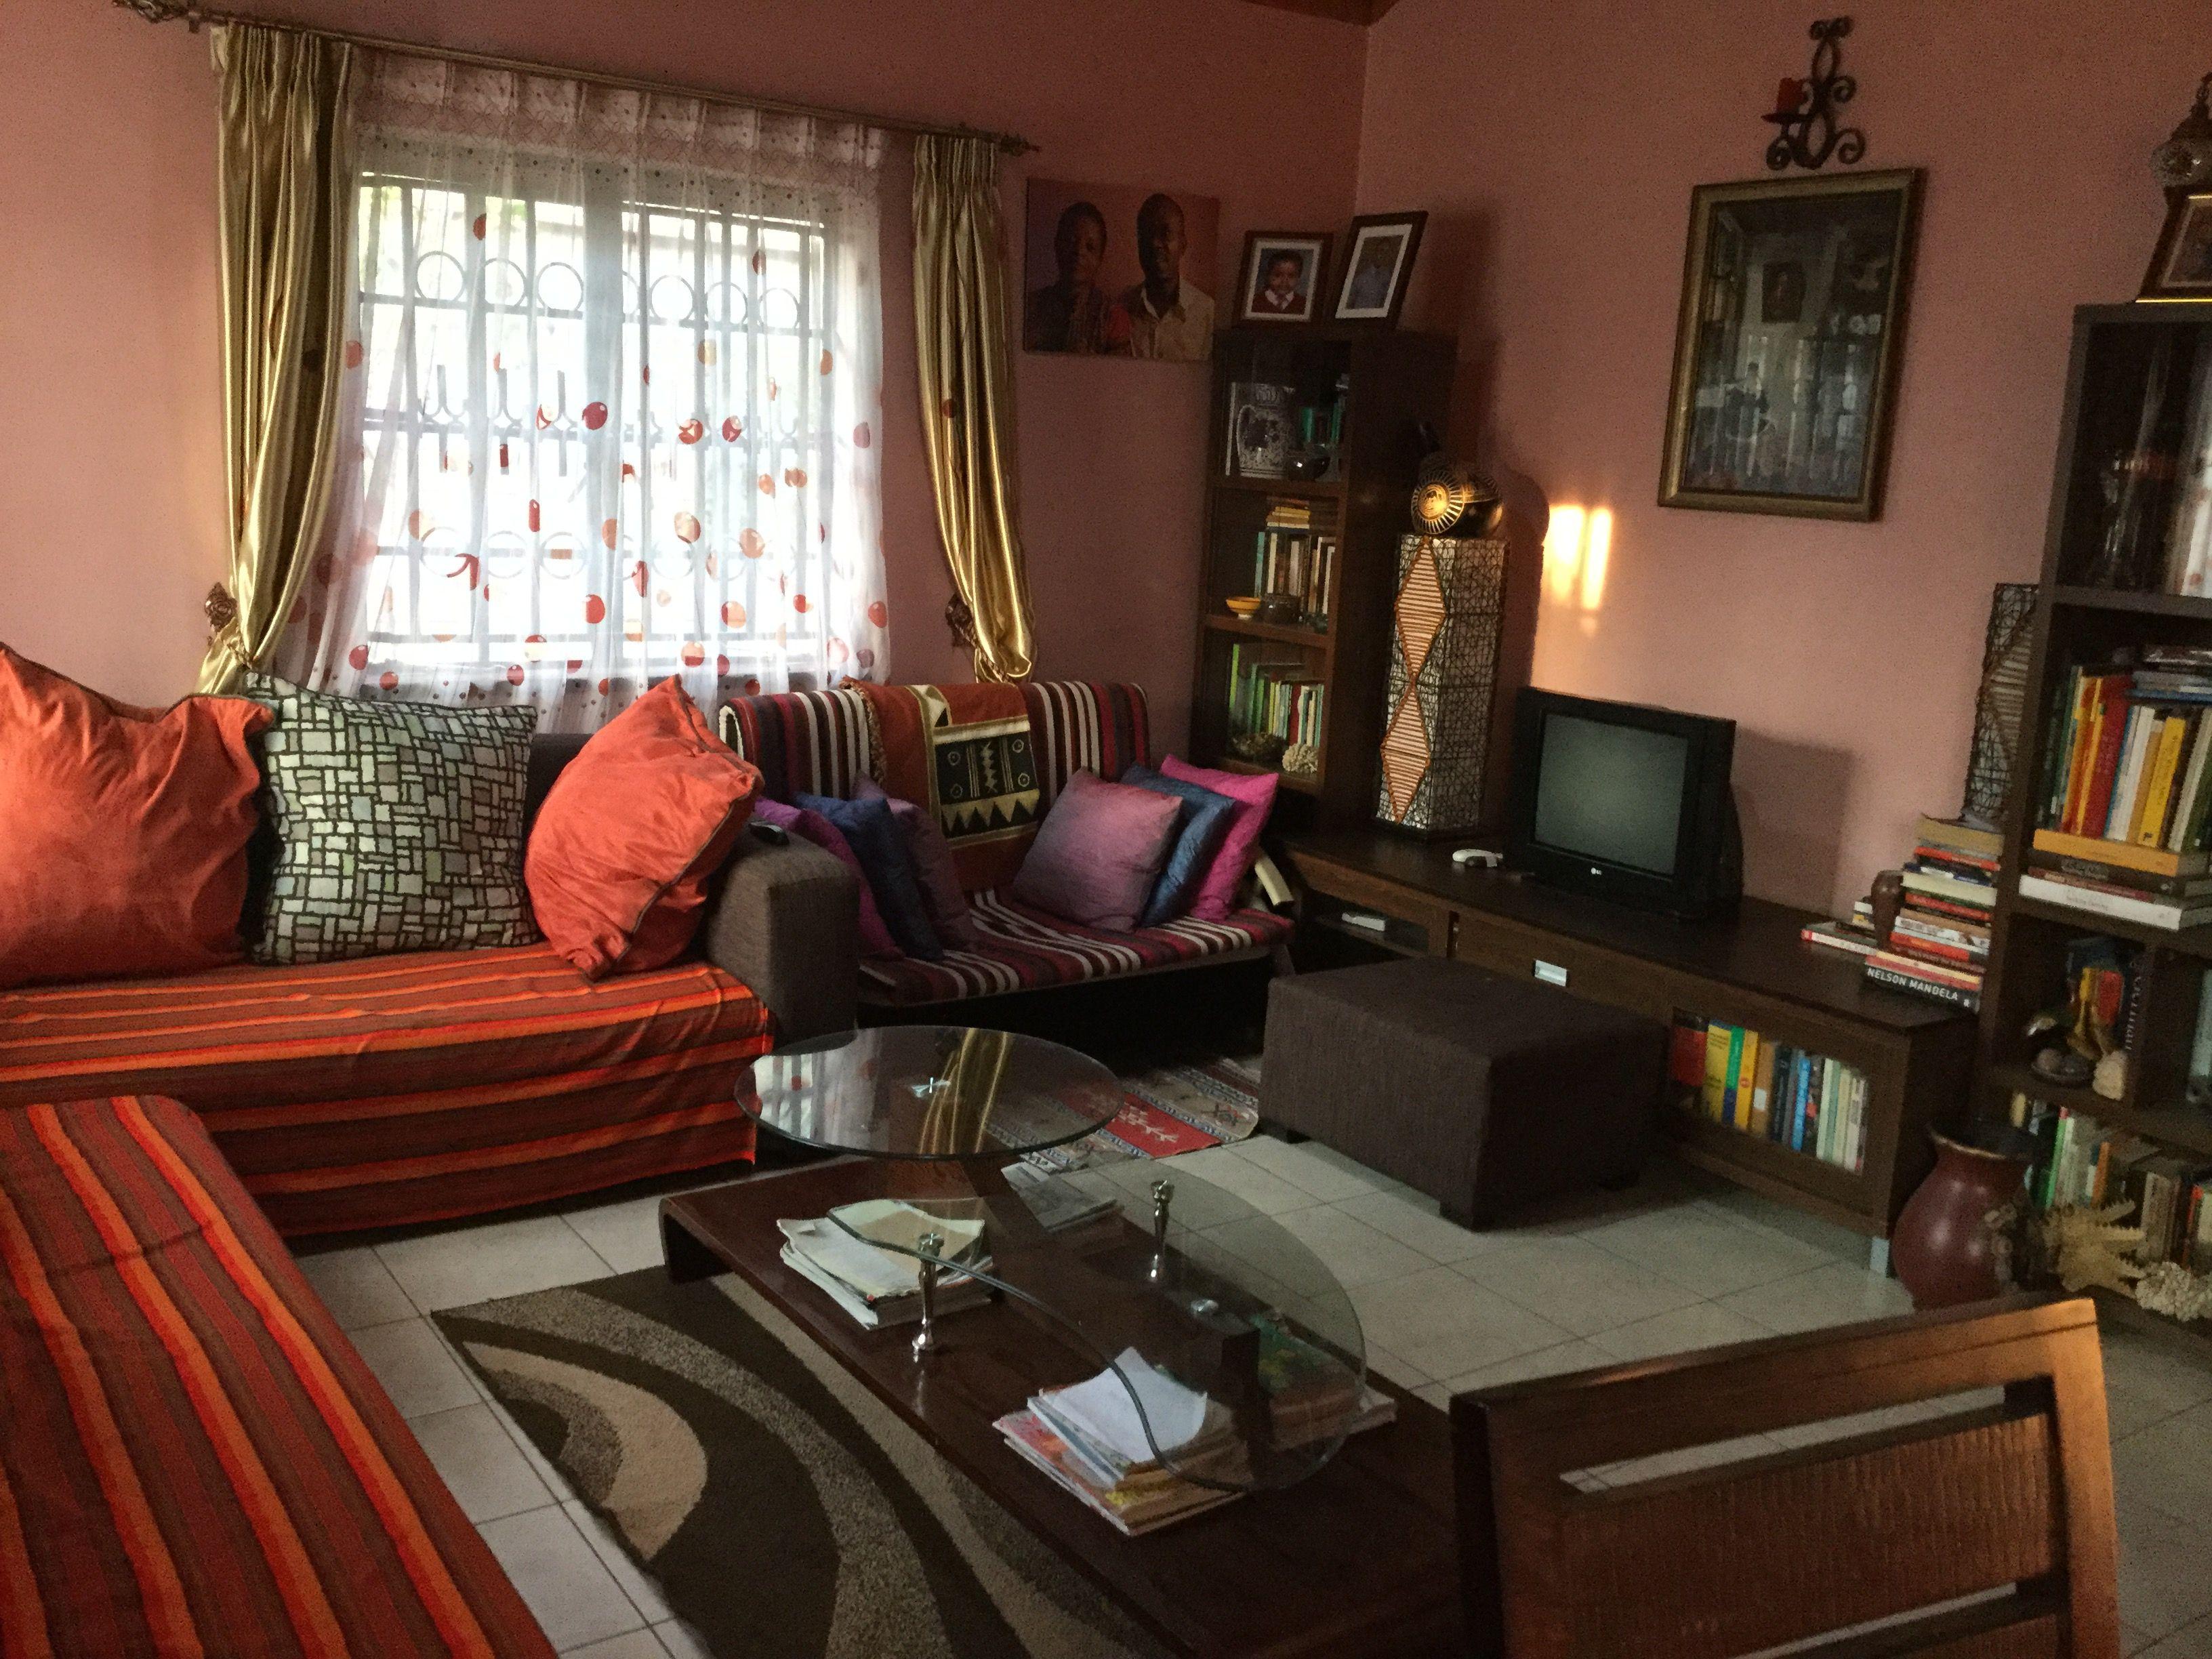 Warm, cozy living room in 2019 | Cozy living rooms, Cozy ...